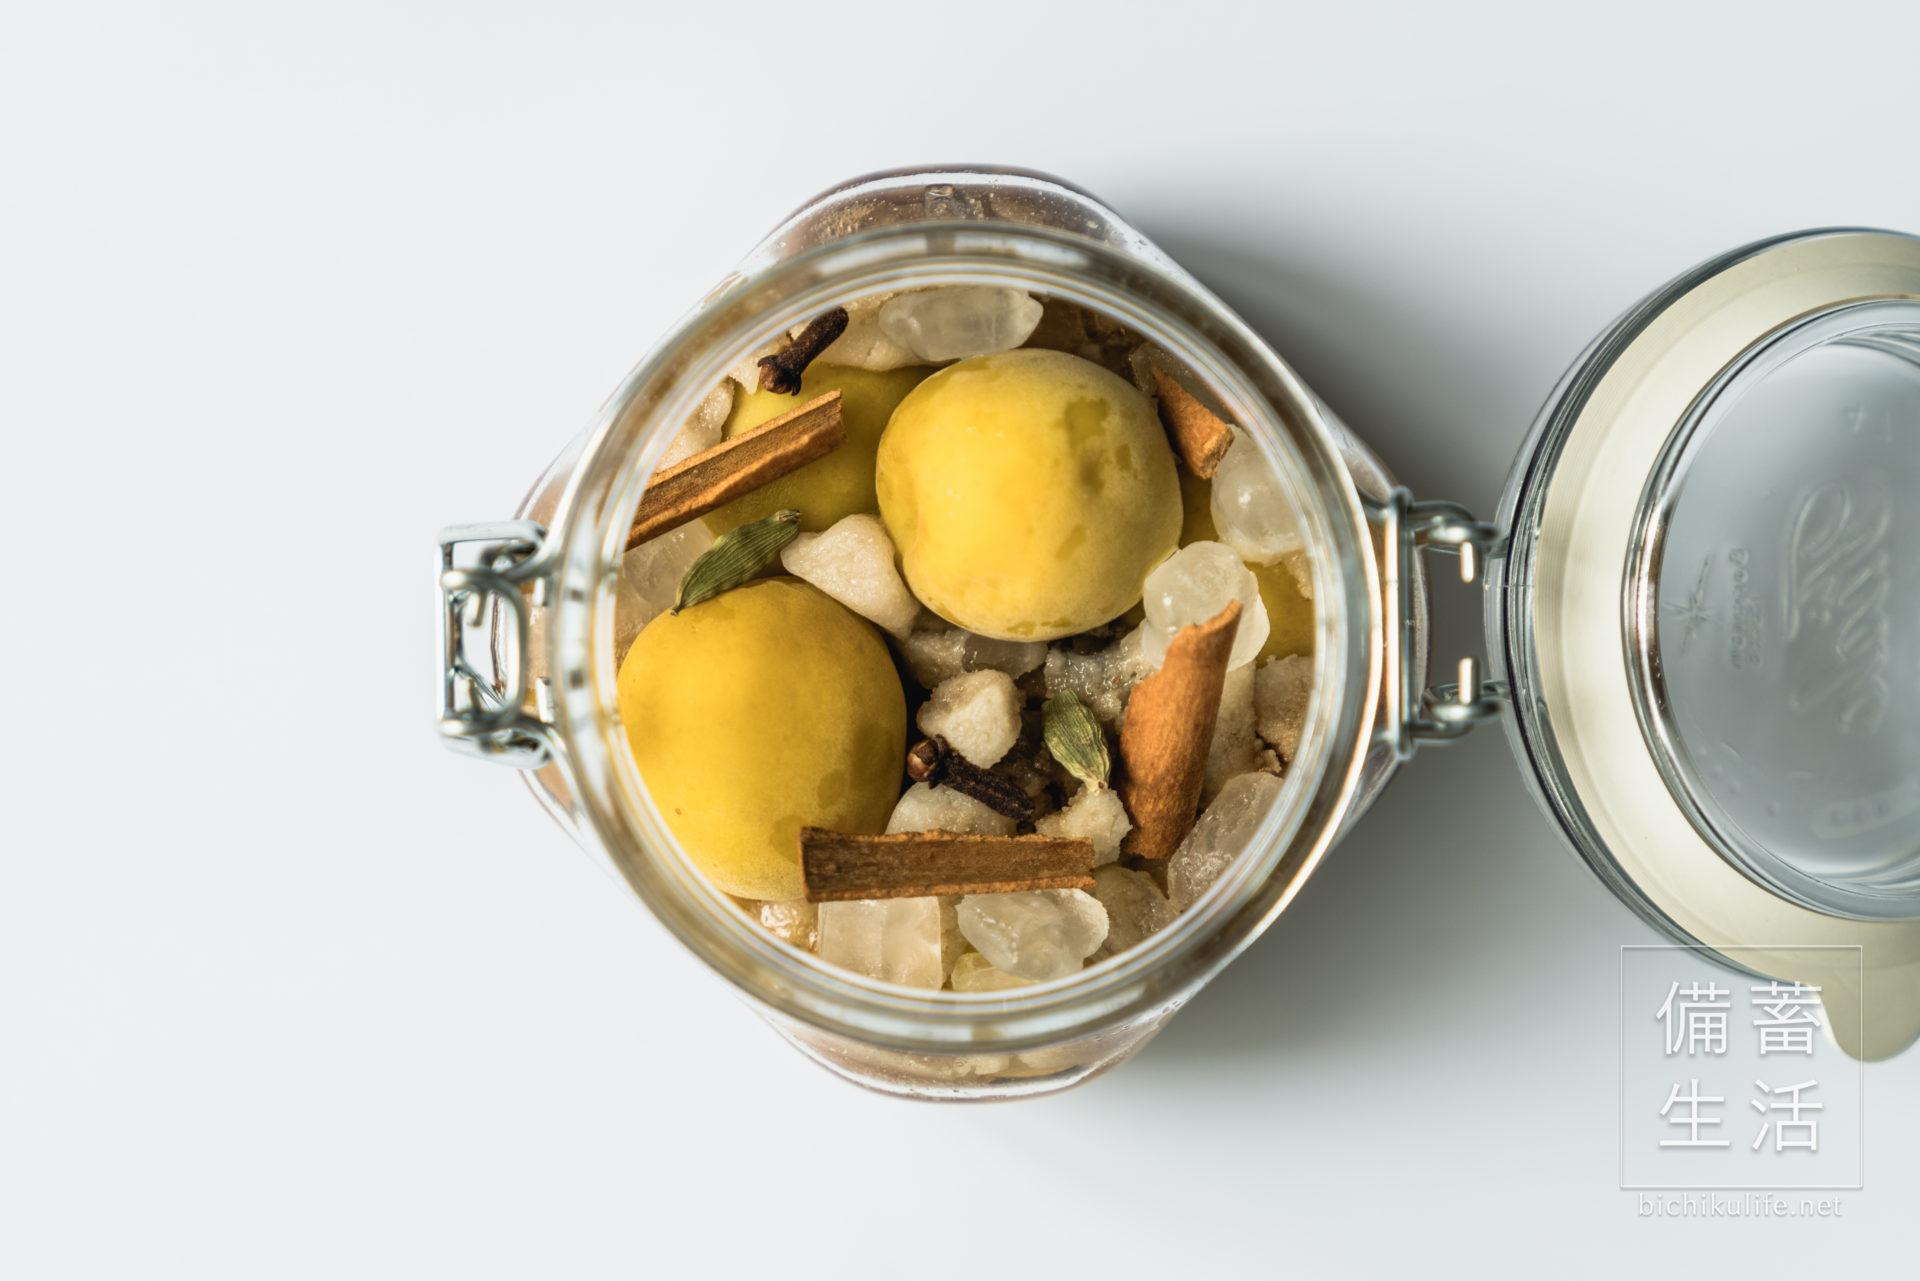 梅シロップ スパイス梅シロップのレシピ、保存瓶にスパイスを入れて漬け込む